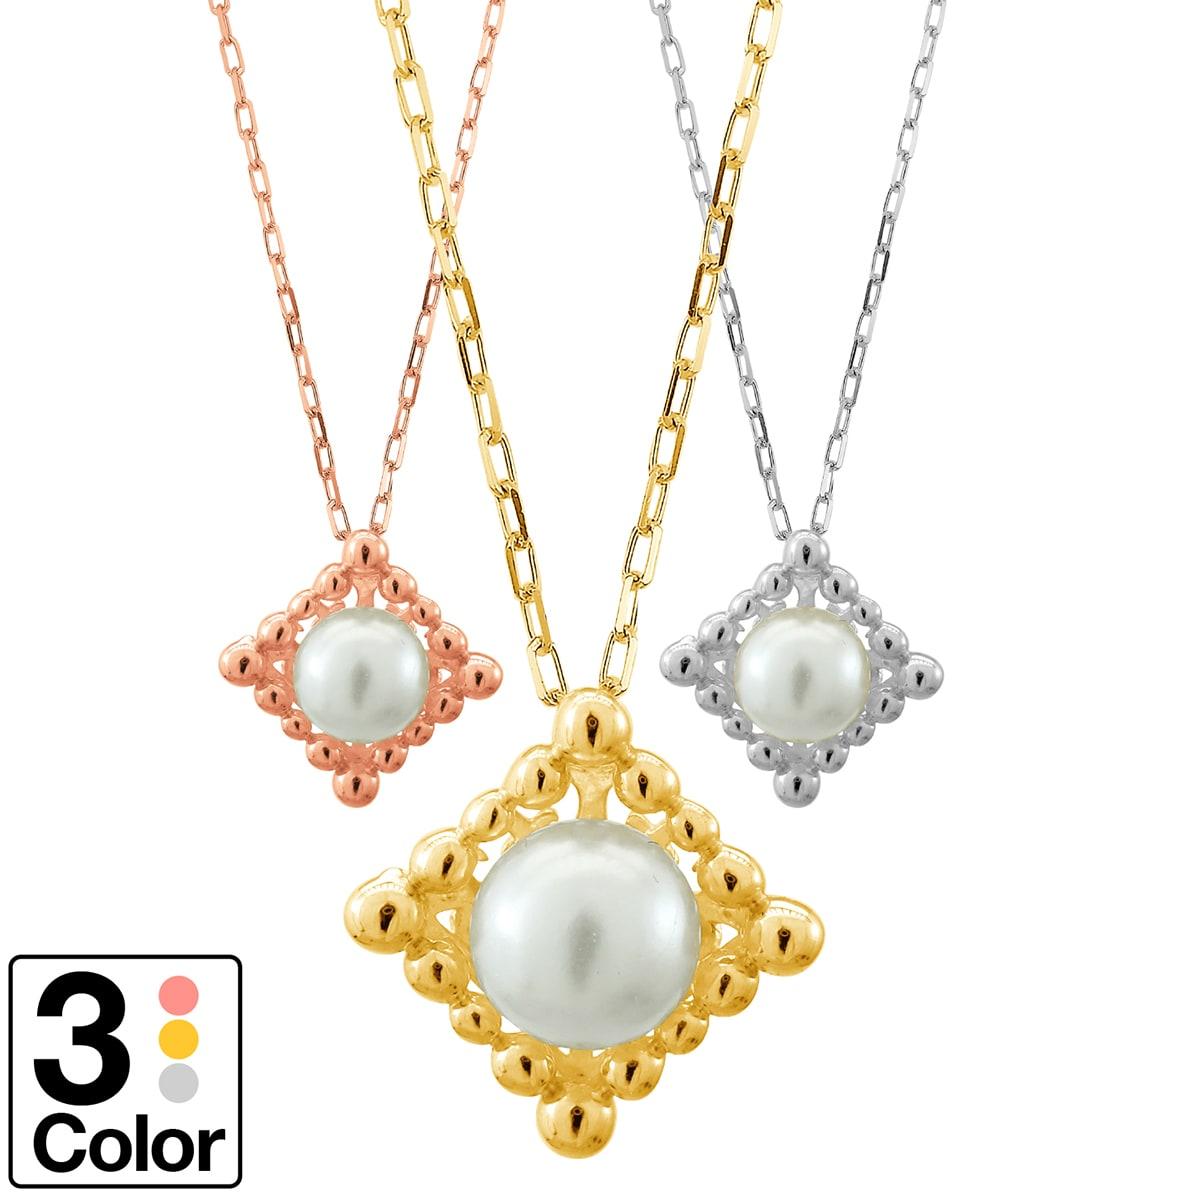 ネックレス k18 一粒 アコヤ真珠 イエローゴールド/ホワイトゴールド/ピンクゴールド 品質保証書 金属アレルギー 日本製 誕生日 ギフト